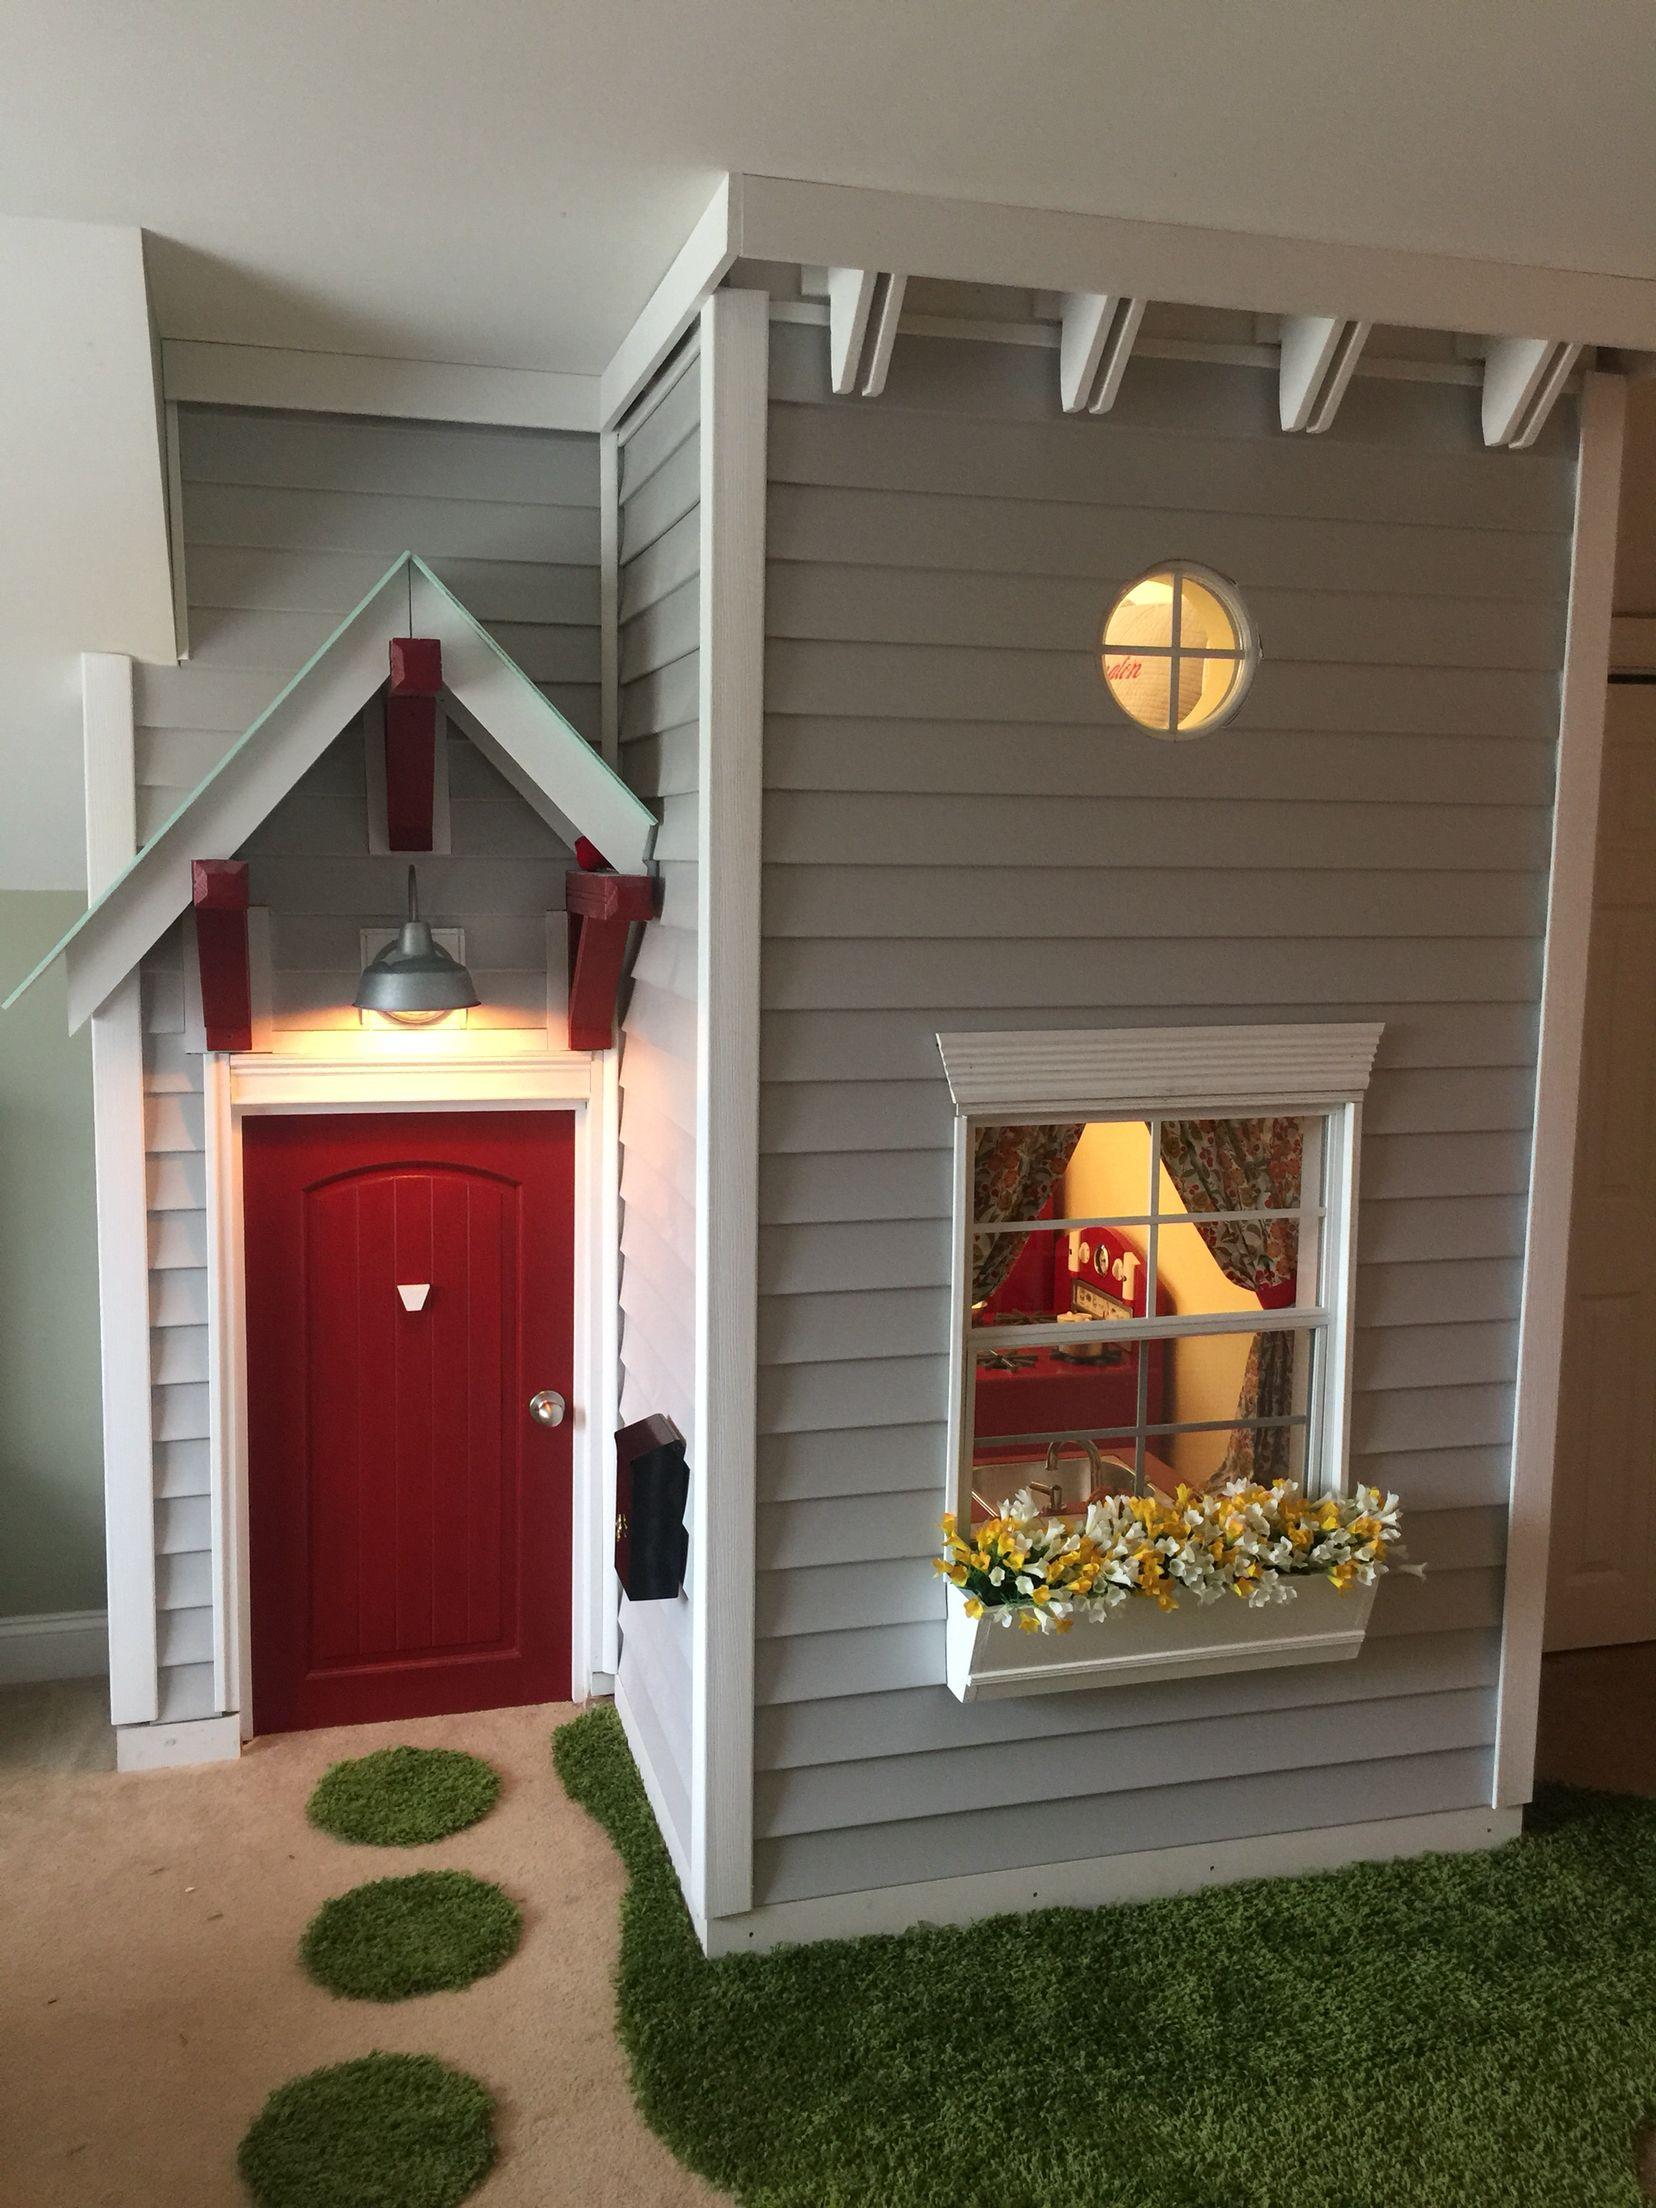 Habitaci n decoraci n cama casita de mu ecas - Decoracion habitacion infantil nina ...